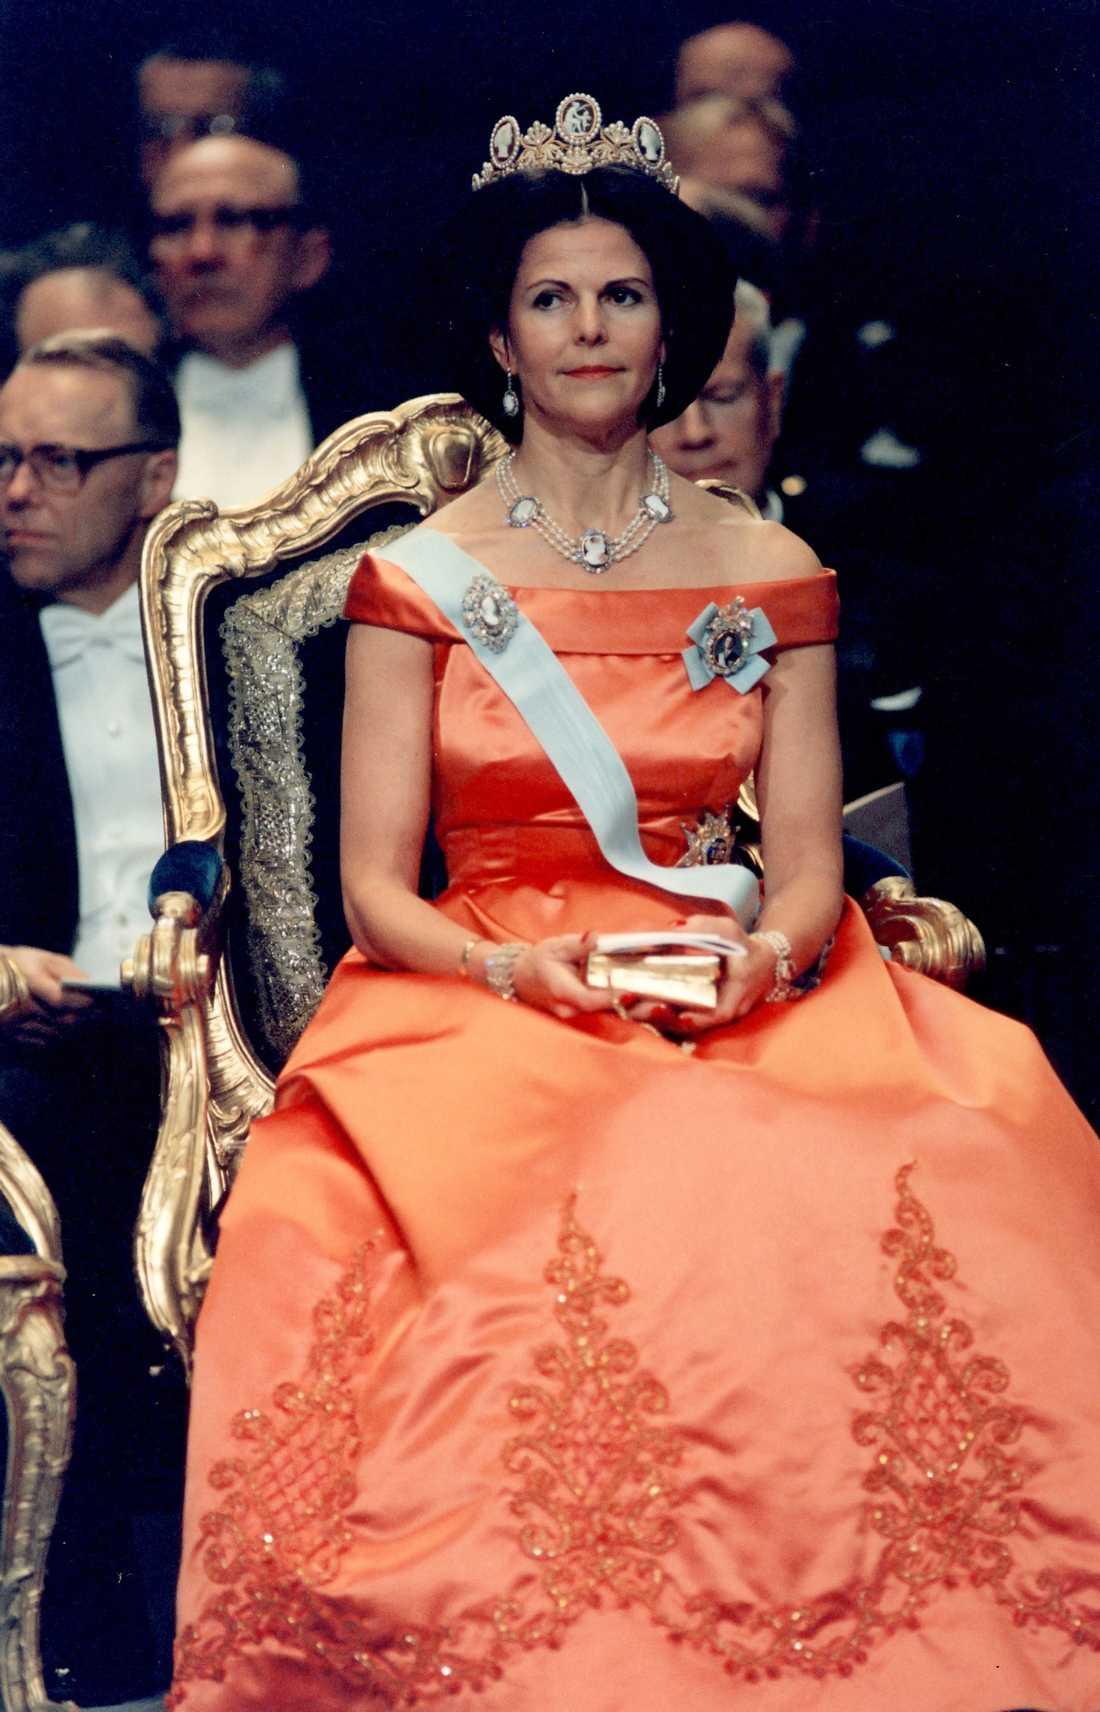 1992 г - шёлковое платье с вышивкой, королева впервые использует на Нобелевских торжествах диадему с камеями